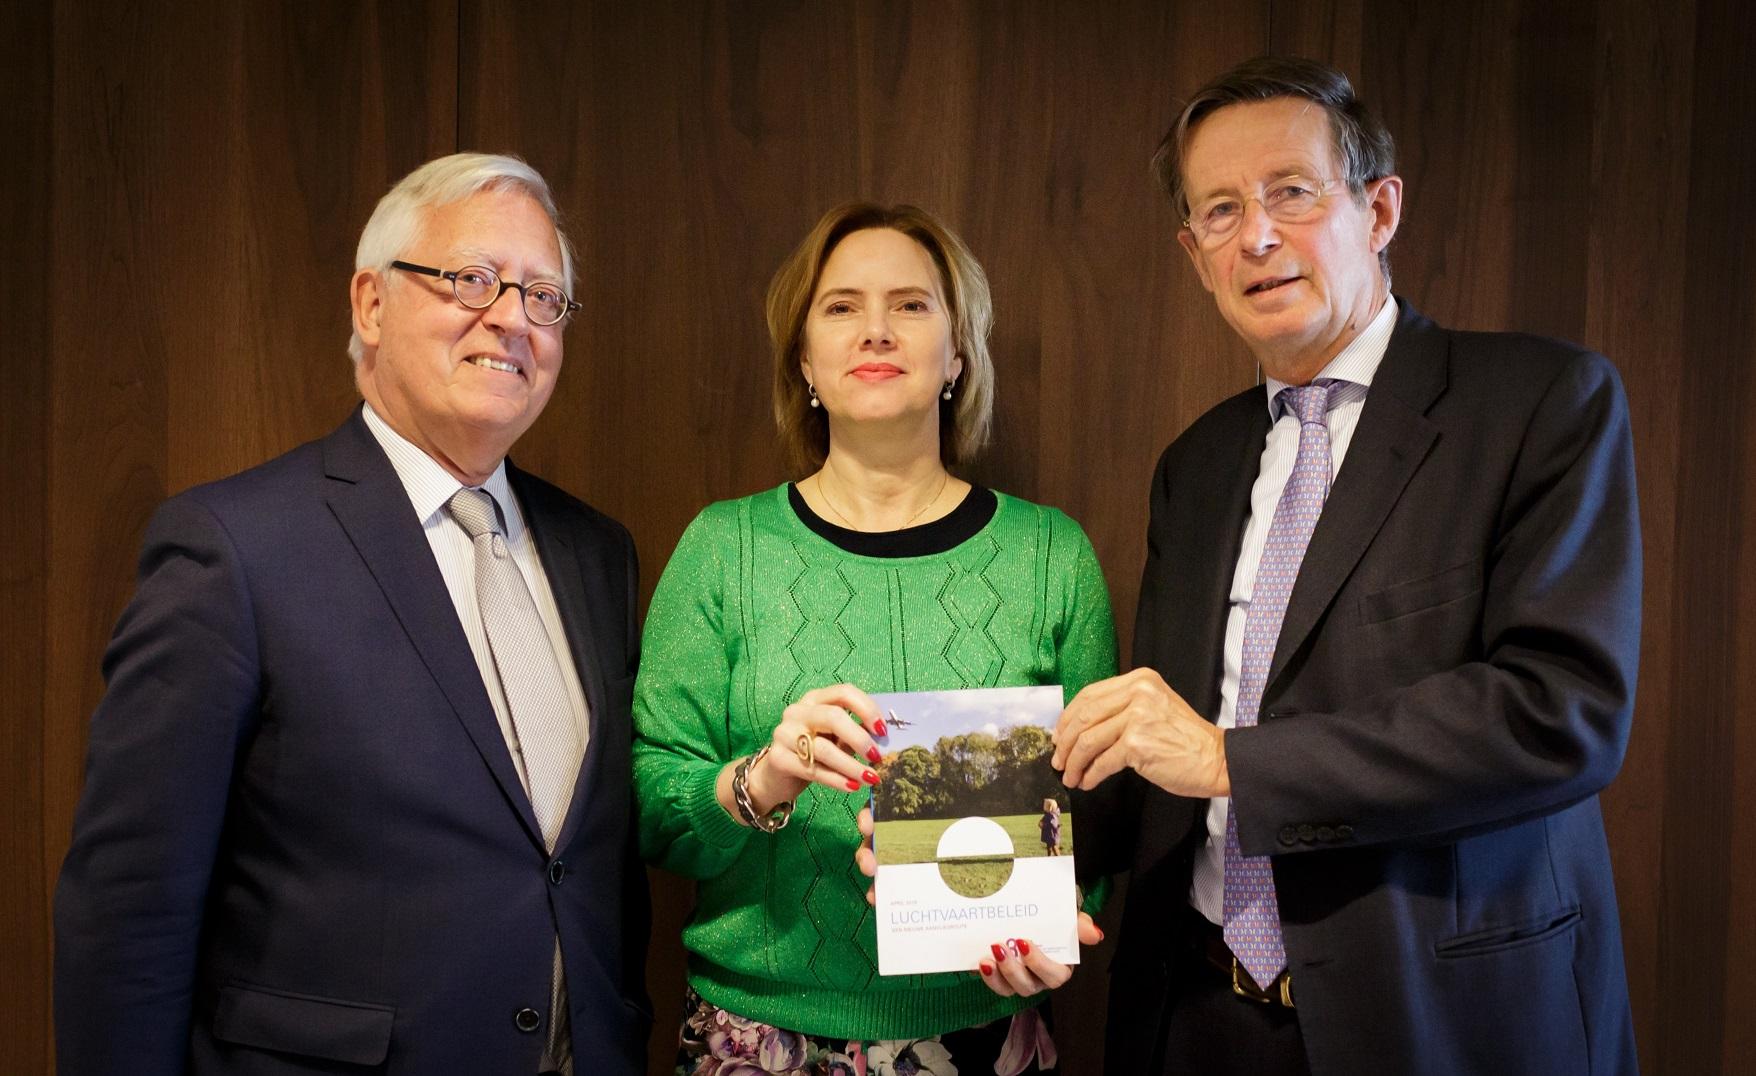 foto van de aanbieding aan minister van IenW